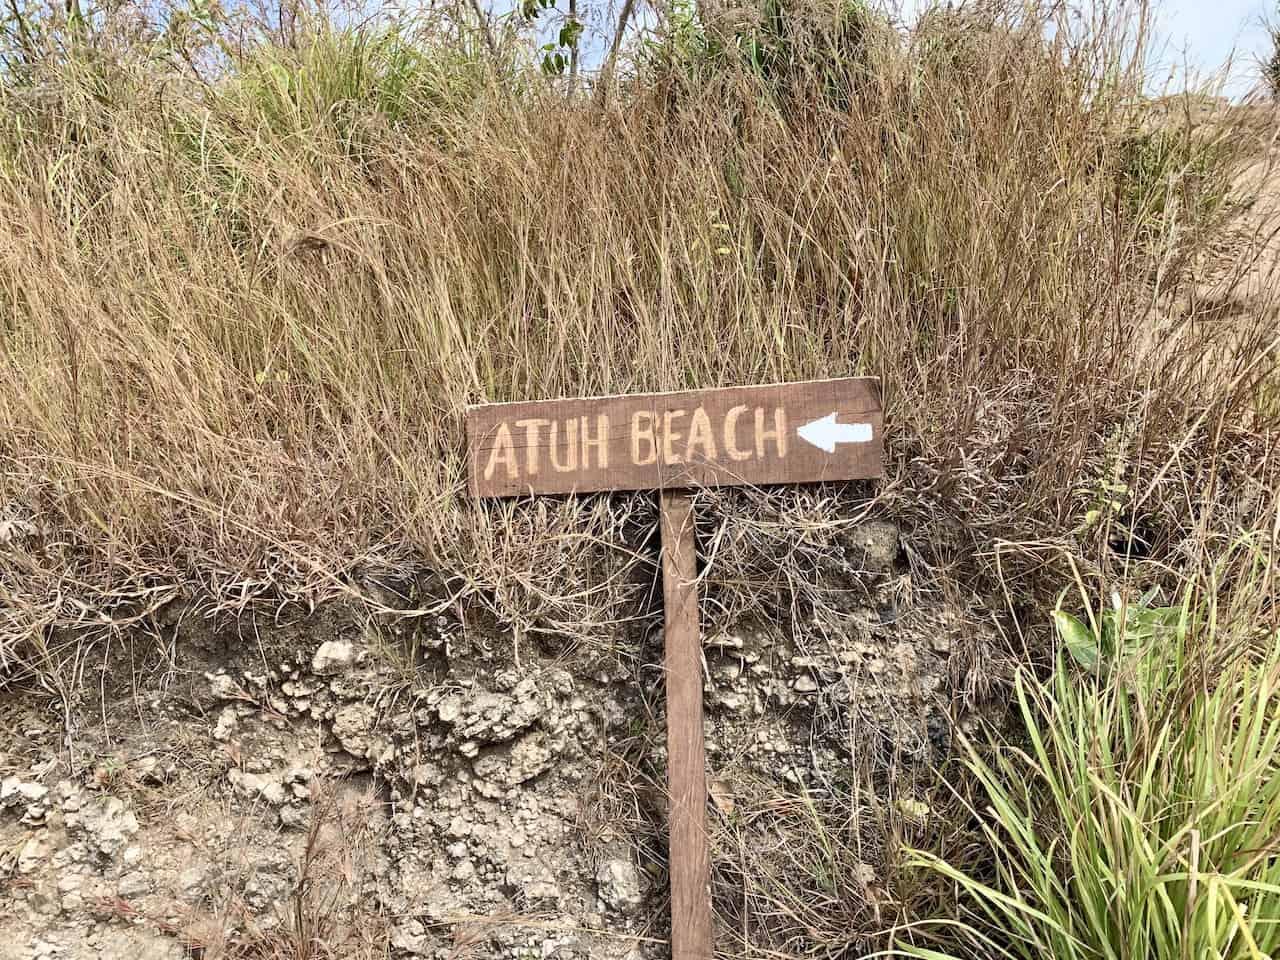 Atuh Beach Sign